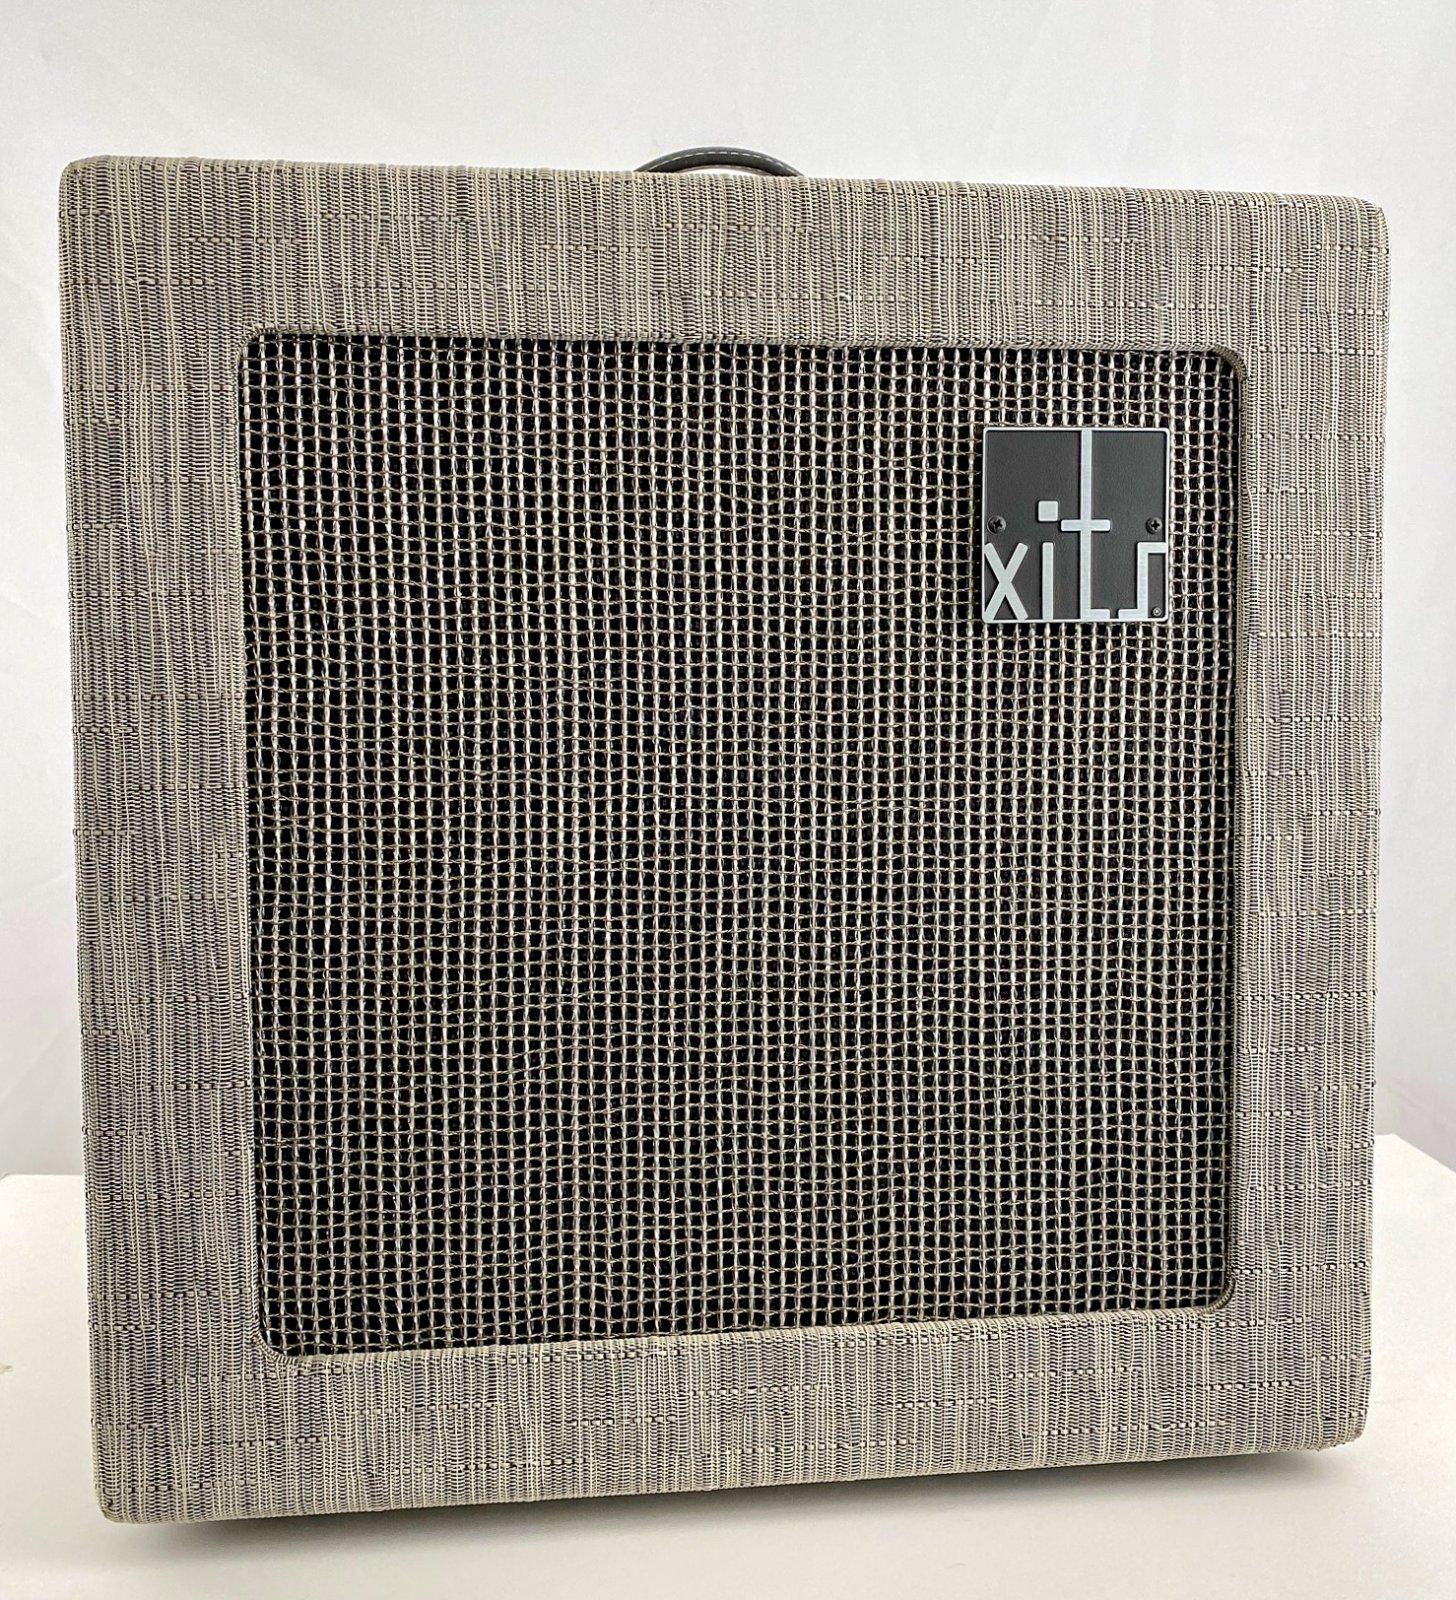 2012 Xits X10 1x12 combo amp